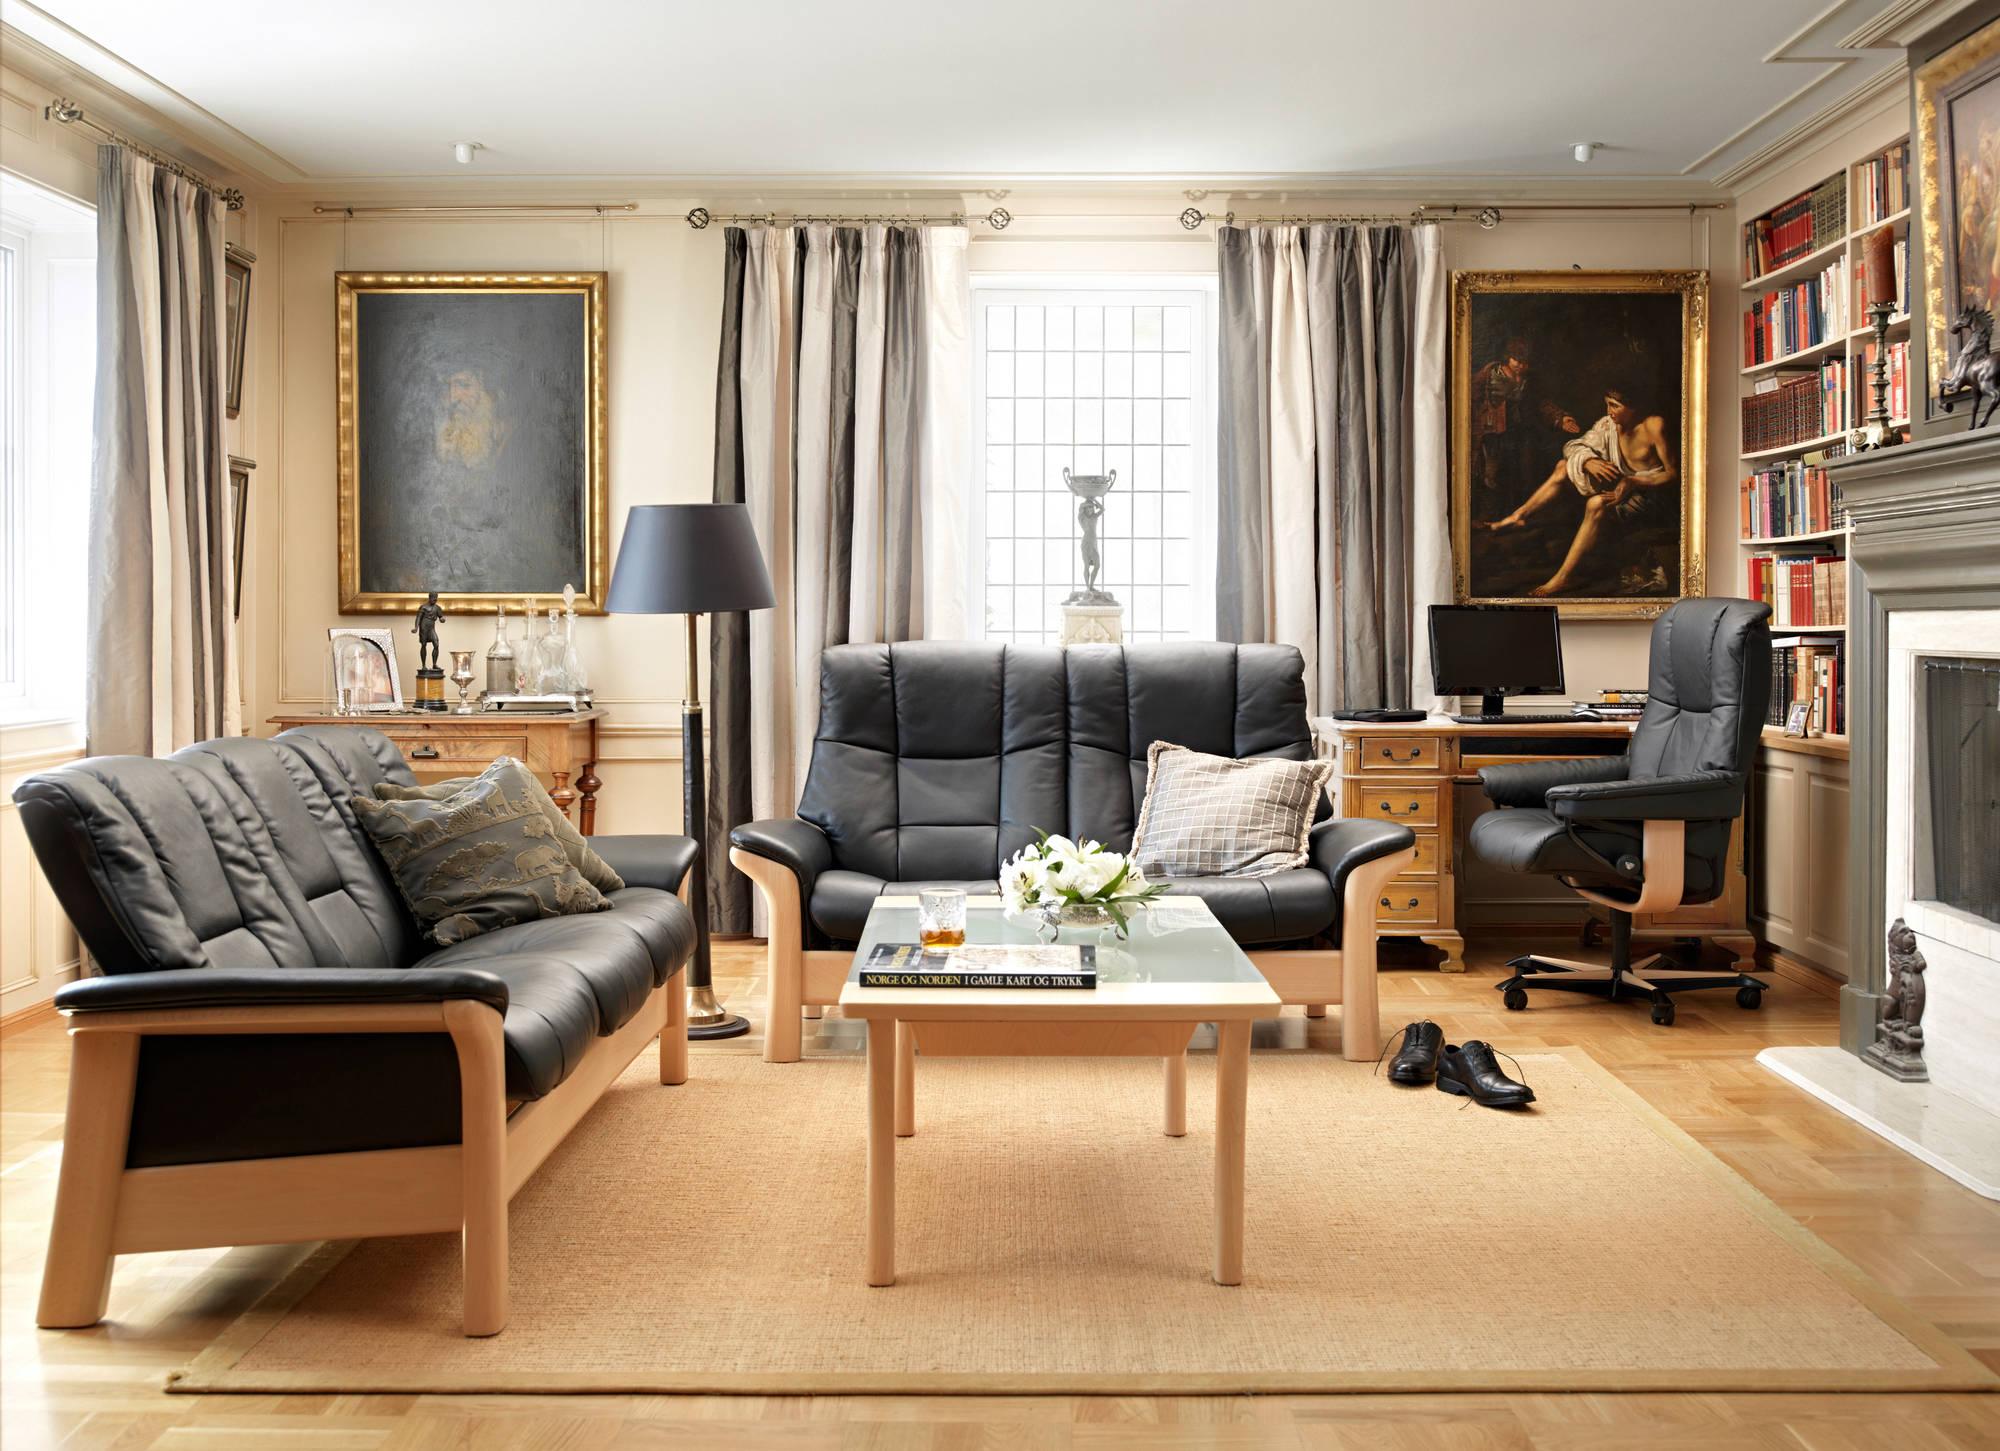 Stressless Buckingham Sofa & Love